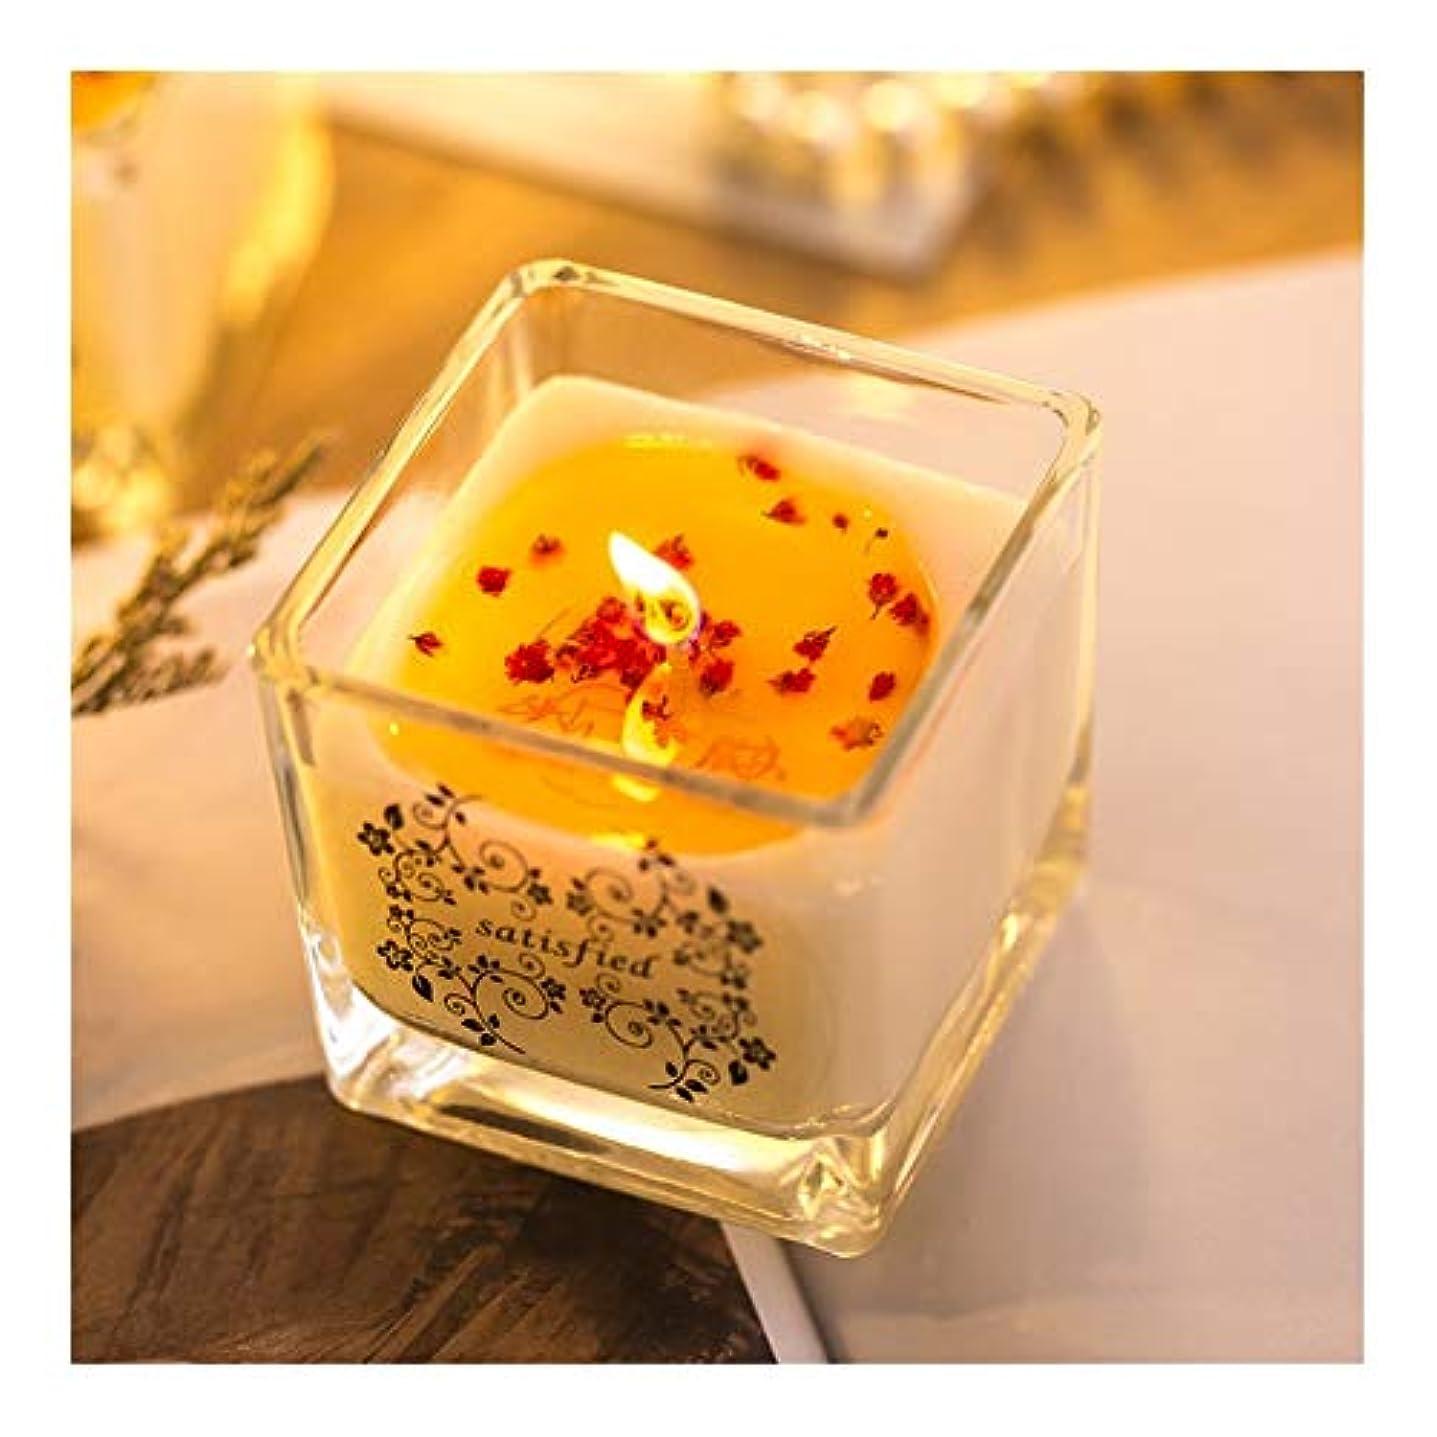 徹底雷雨おばあさんGuomao 手作りアロマセラピー大豆キャンドルロマンチックな結婚結婚ガラスの花びら輸入無煙エッセンシャルオイルキャンドル卸売 (色 : Lavender)